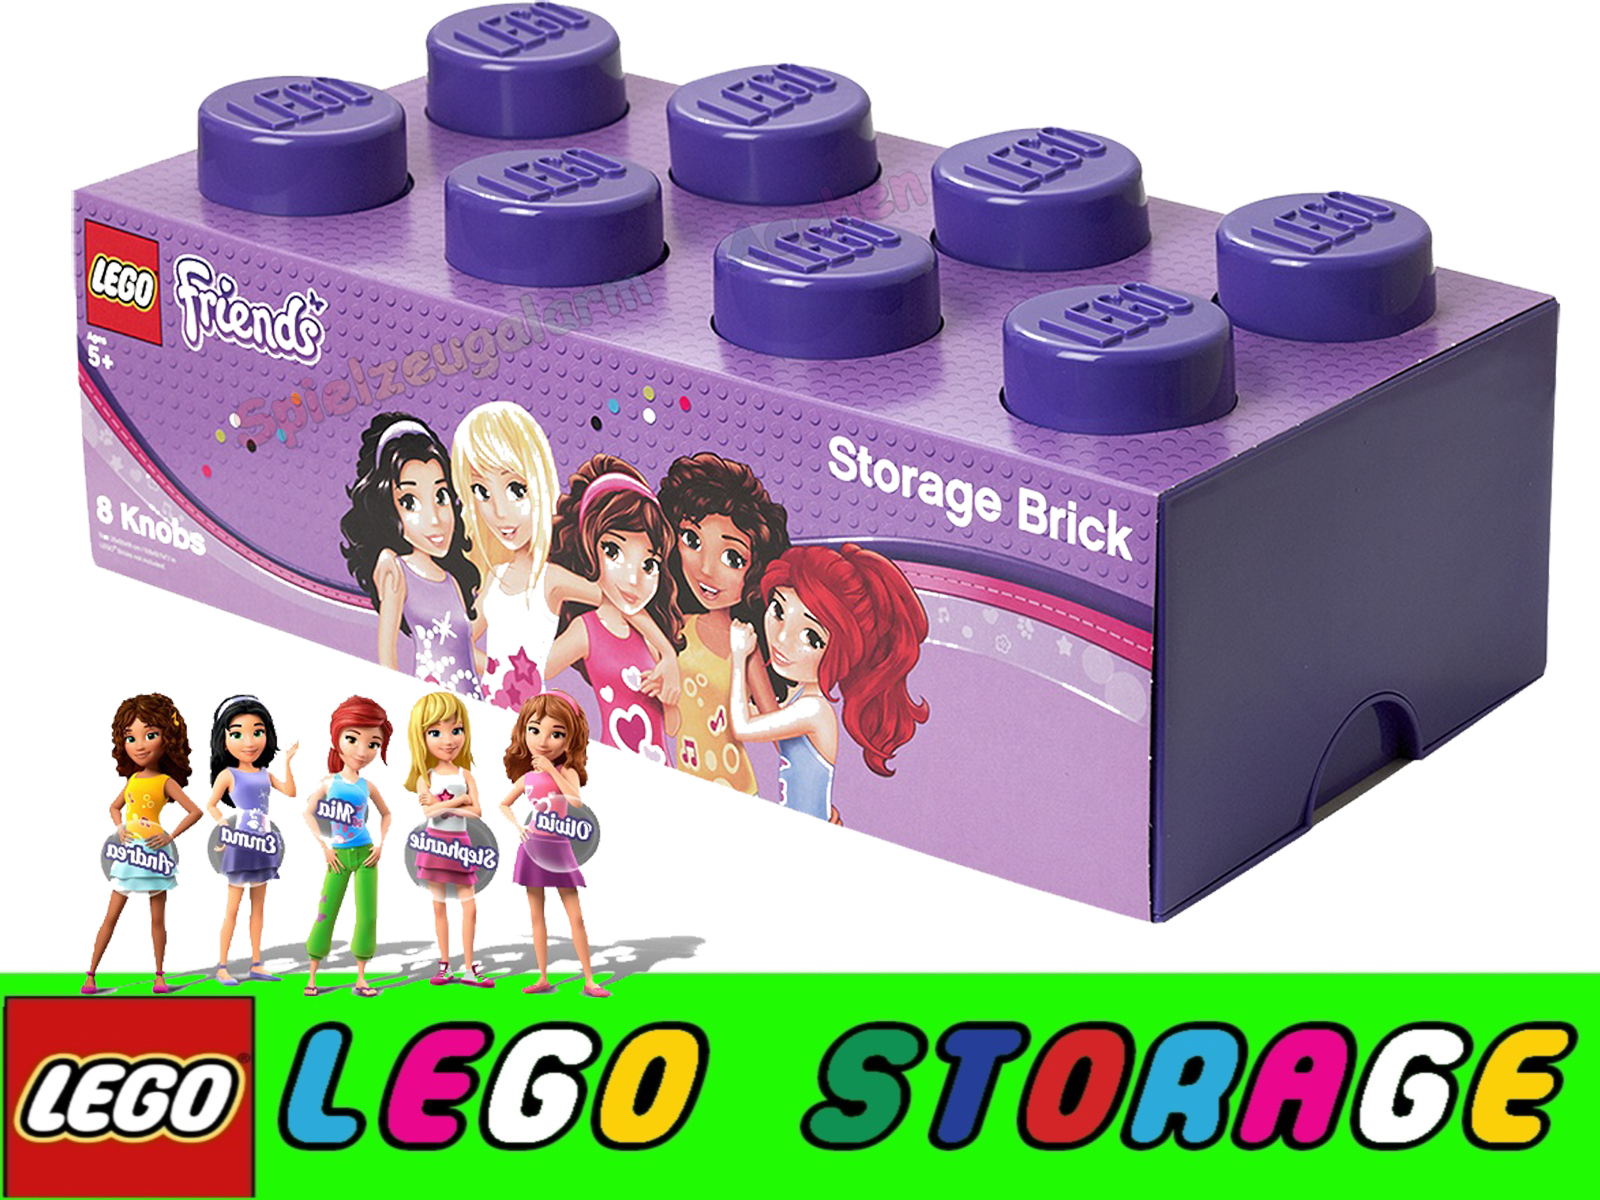 lego storage brick 8 friends lila stein 2x4 aufbewahrung dose xxl box kiste spielzeugalarm. Black Bedroom Furniture Sets. Home Design Ideas